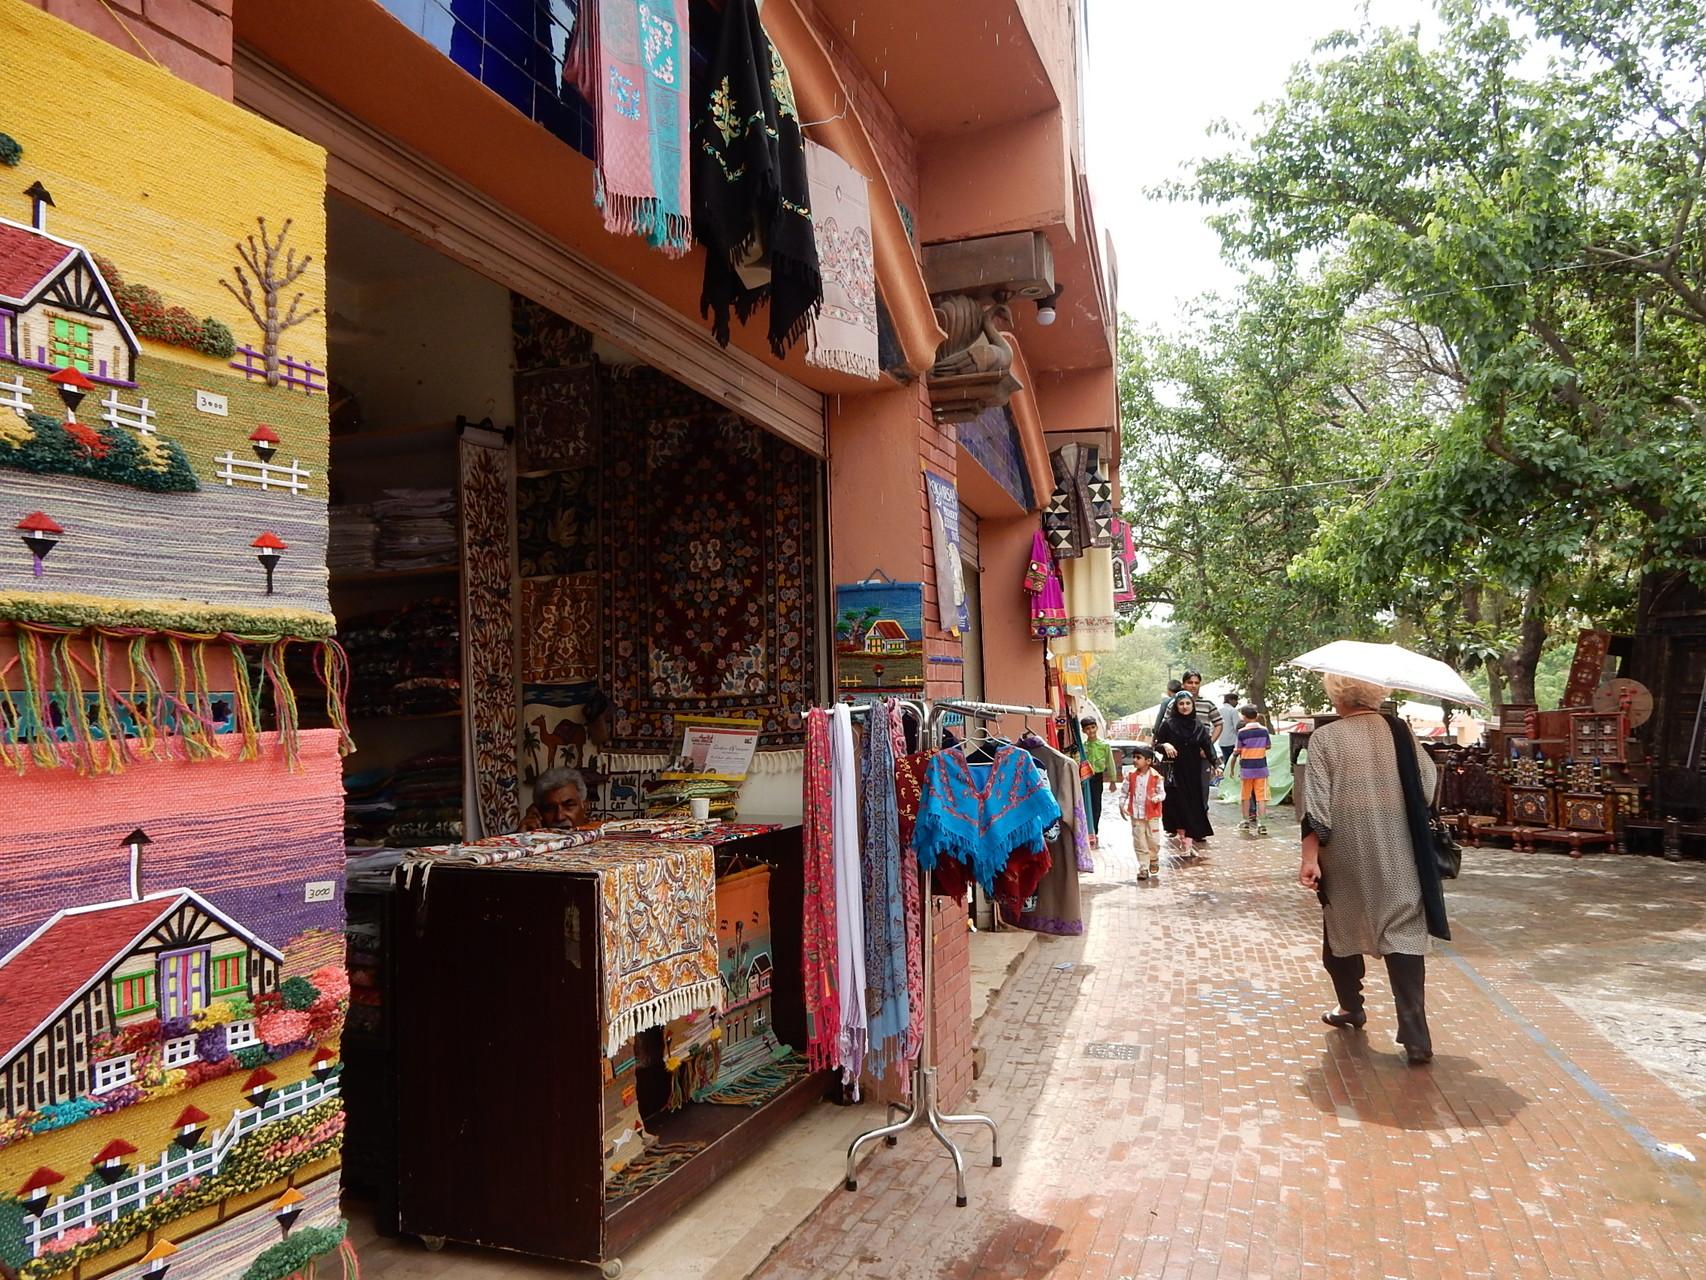 リテラシー・フェスティバルには伝統工芸の店も出た。